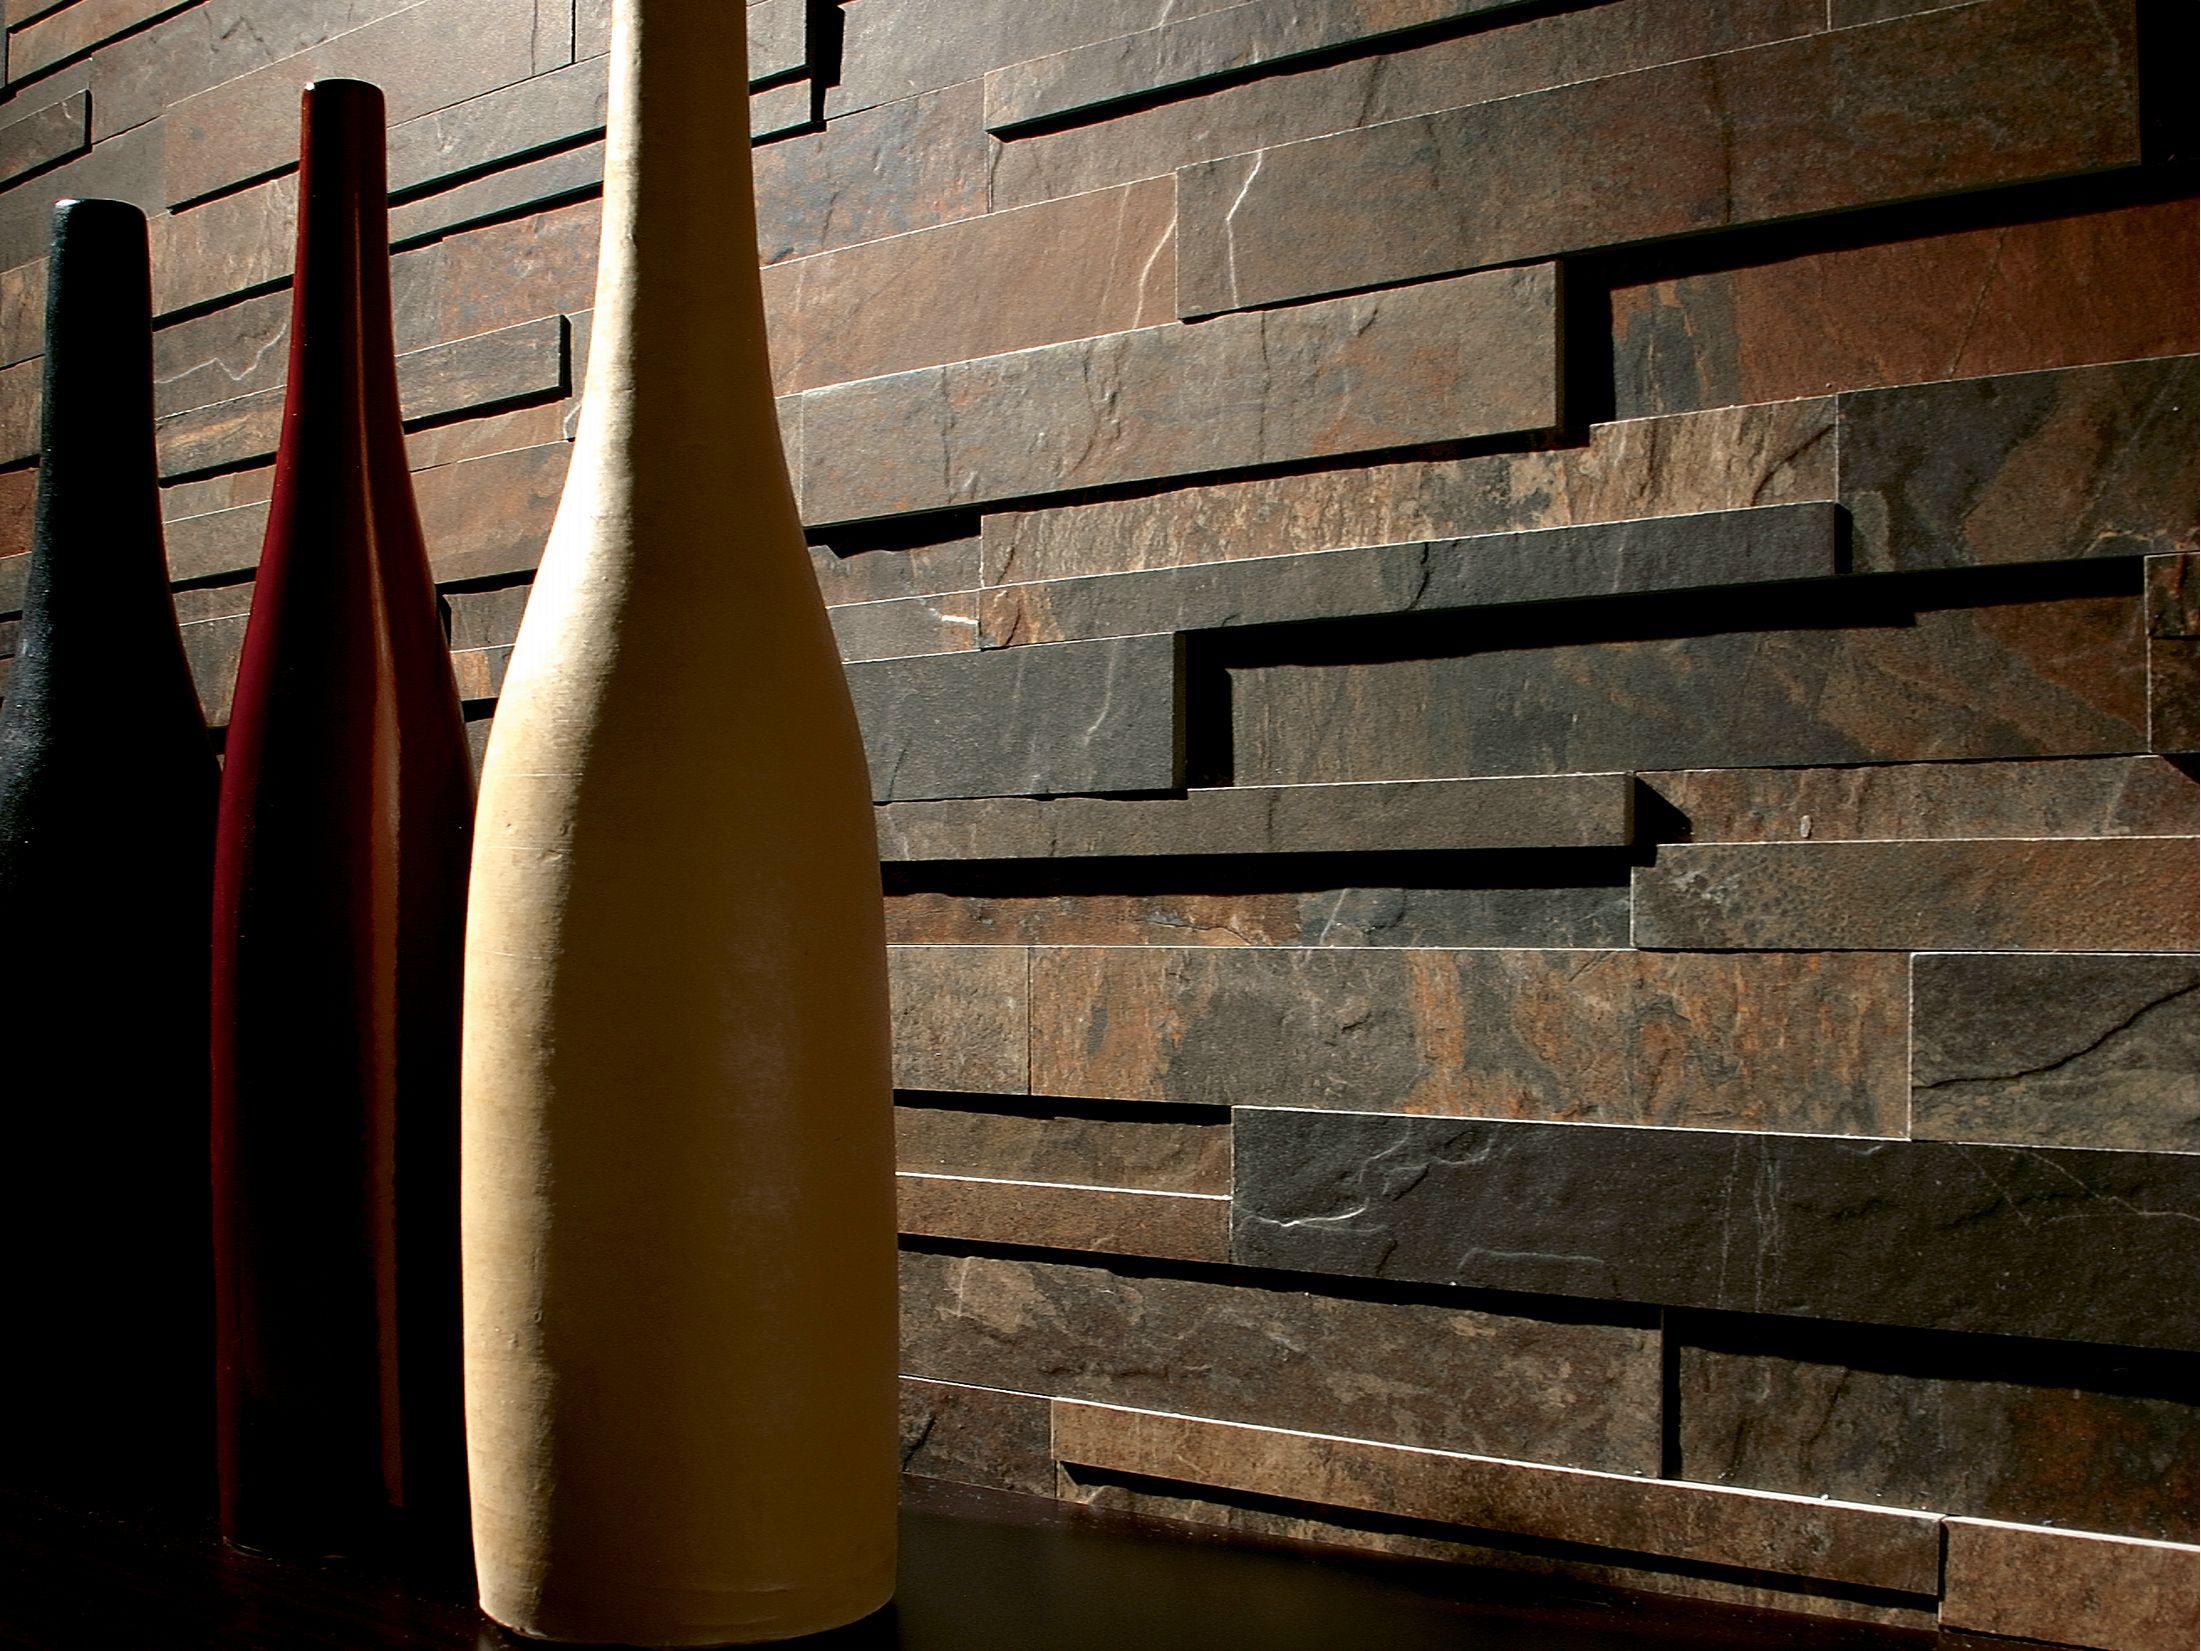 Slates revestimiento de pared imitaci n piedra by - Ceramica imitacion piedra ...